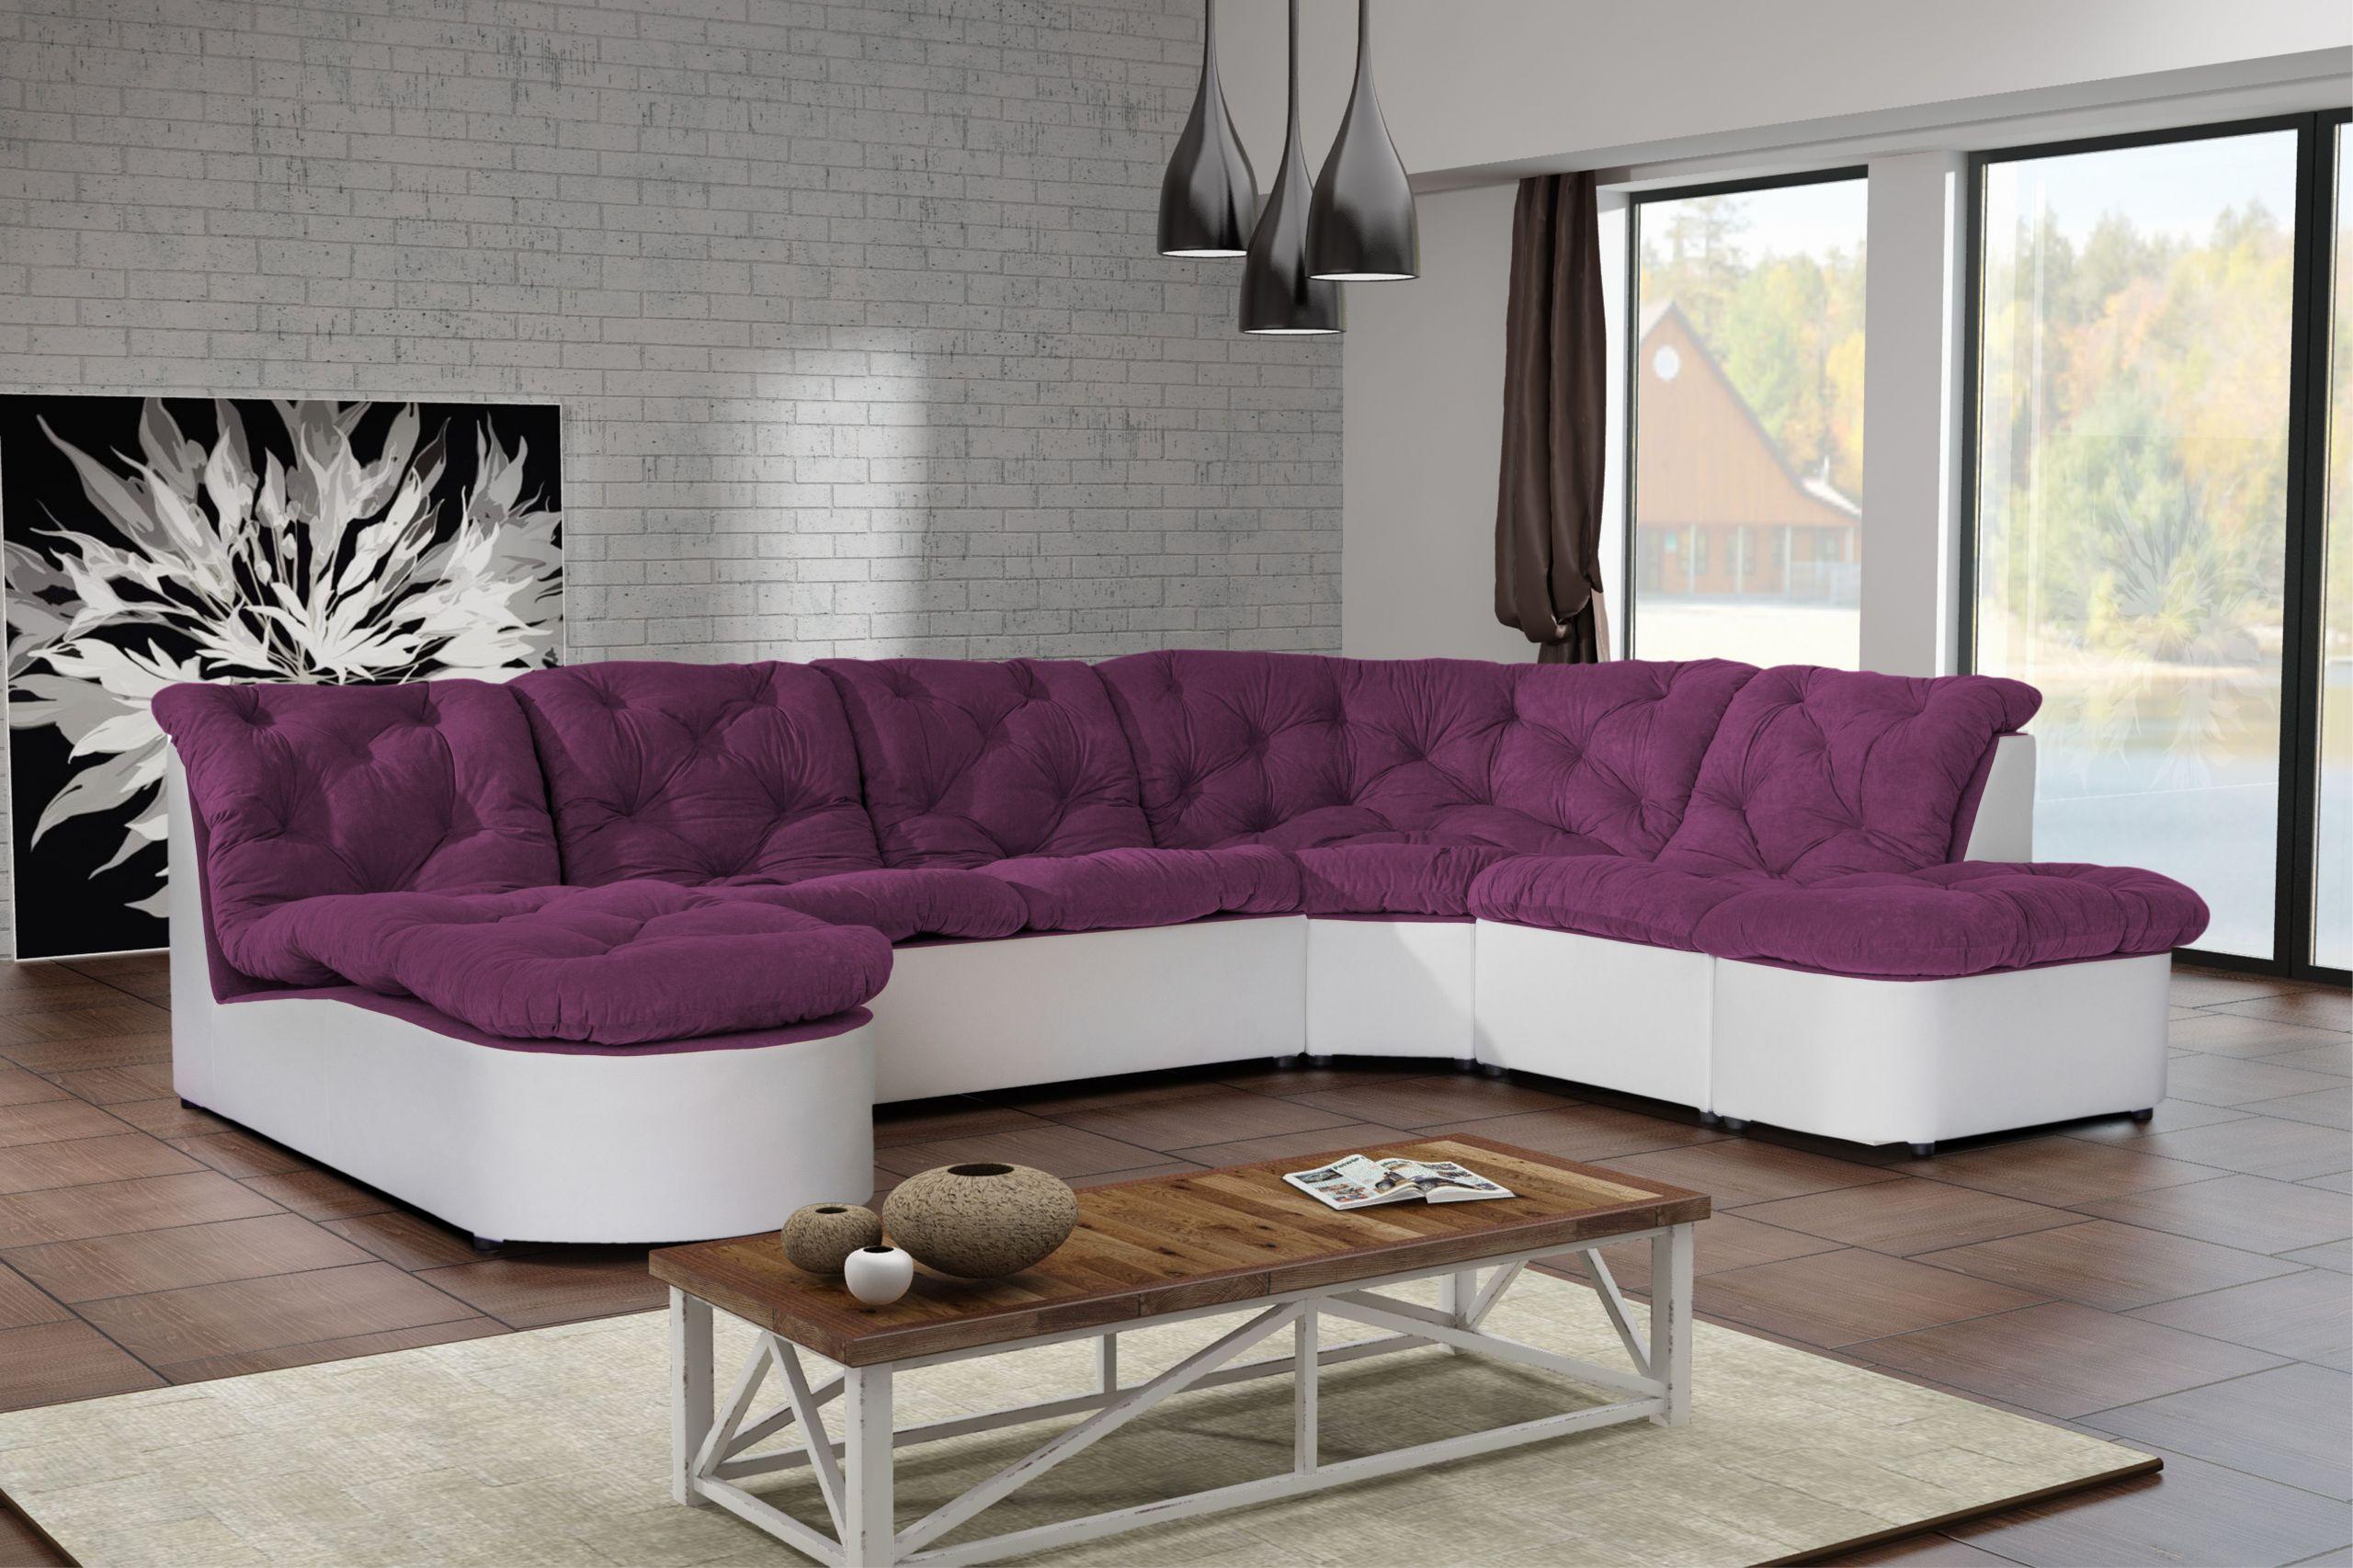 Canapé clac d angle panoramique prune PU blanc sofa divan